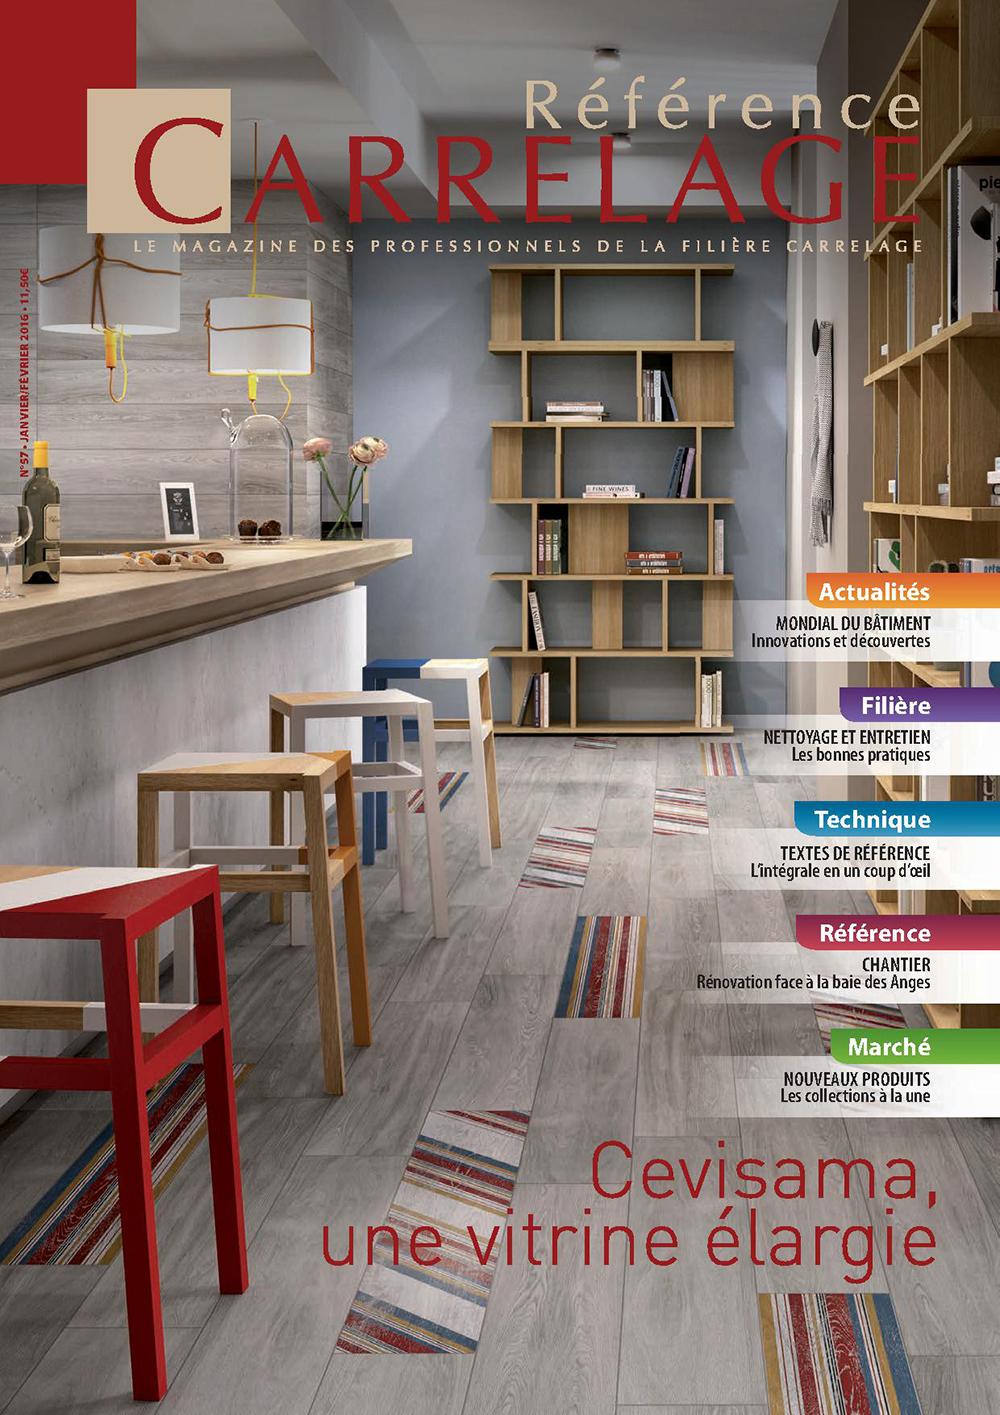 Reference carrelage le magazine des professionnels de la for Carrelage 57